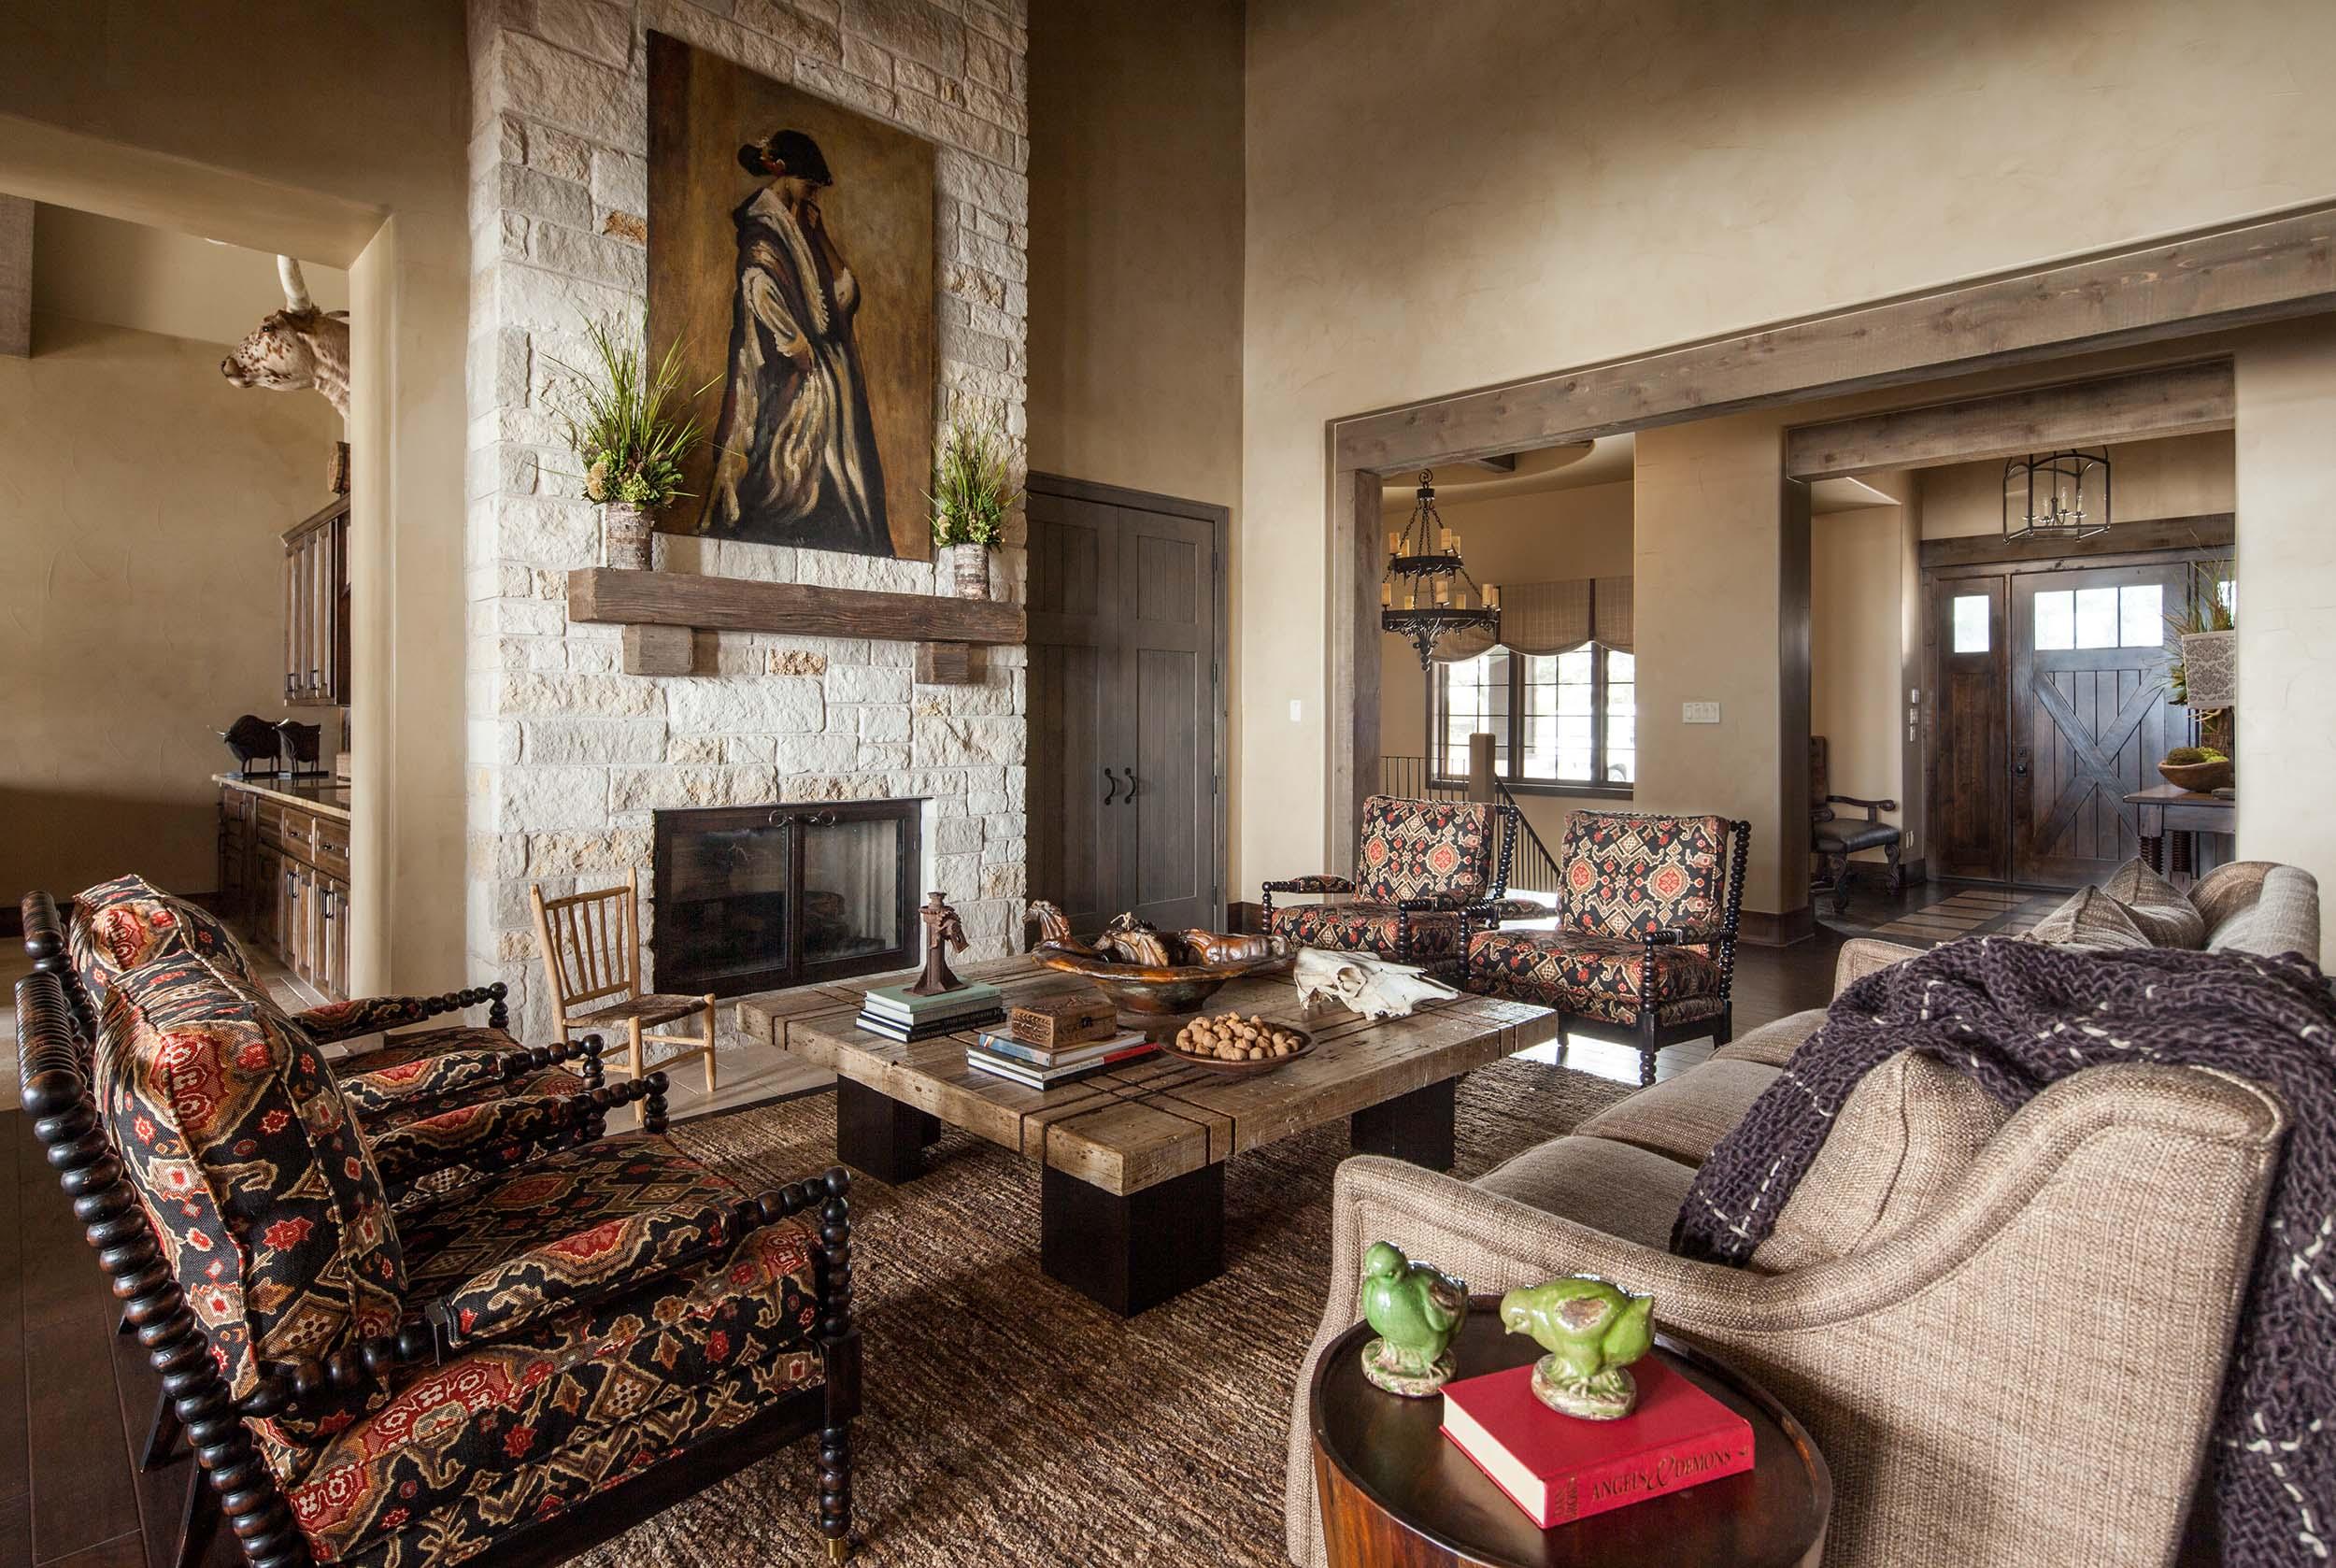 austin-house-living-room-interior-design.jpg